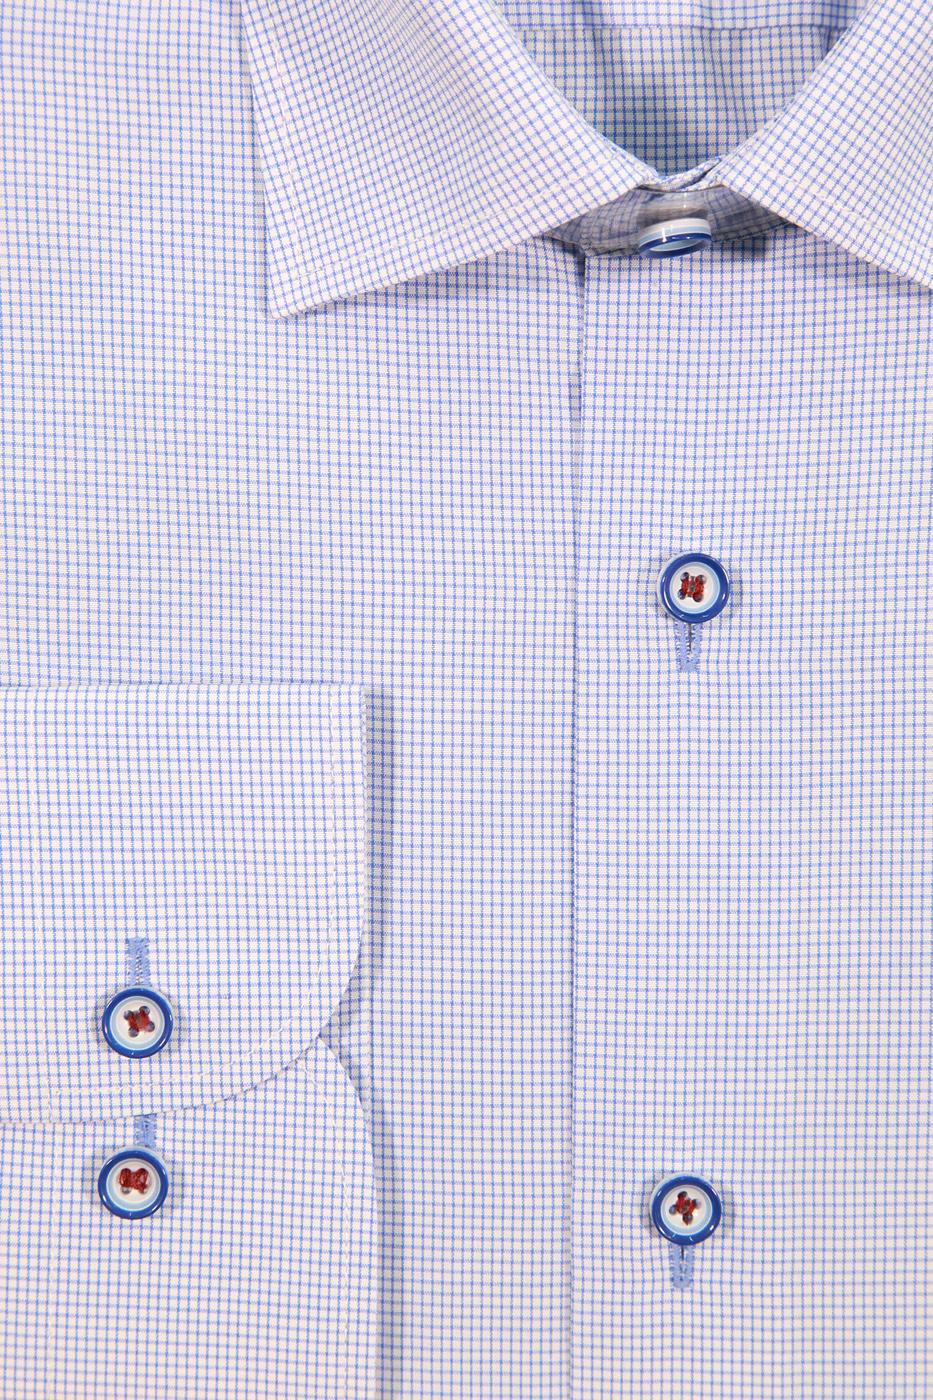 Сорочка мужская 230 (56)